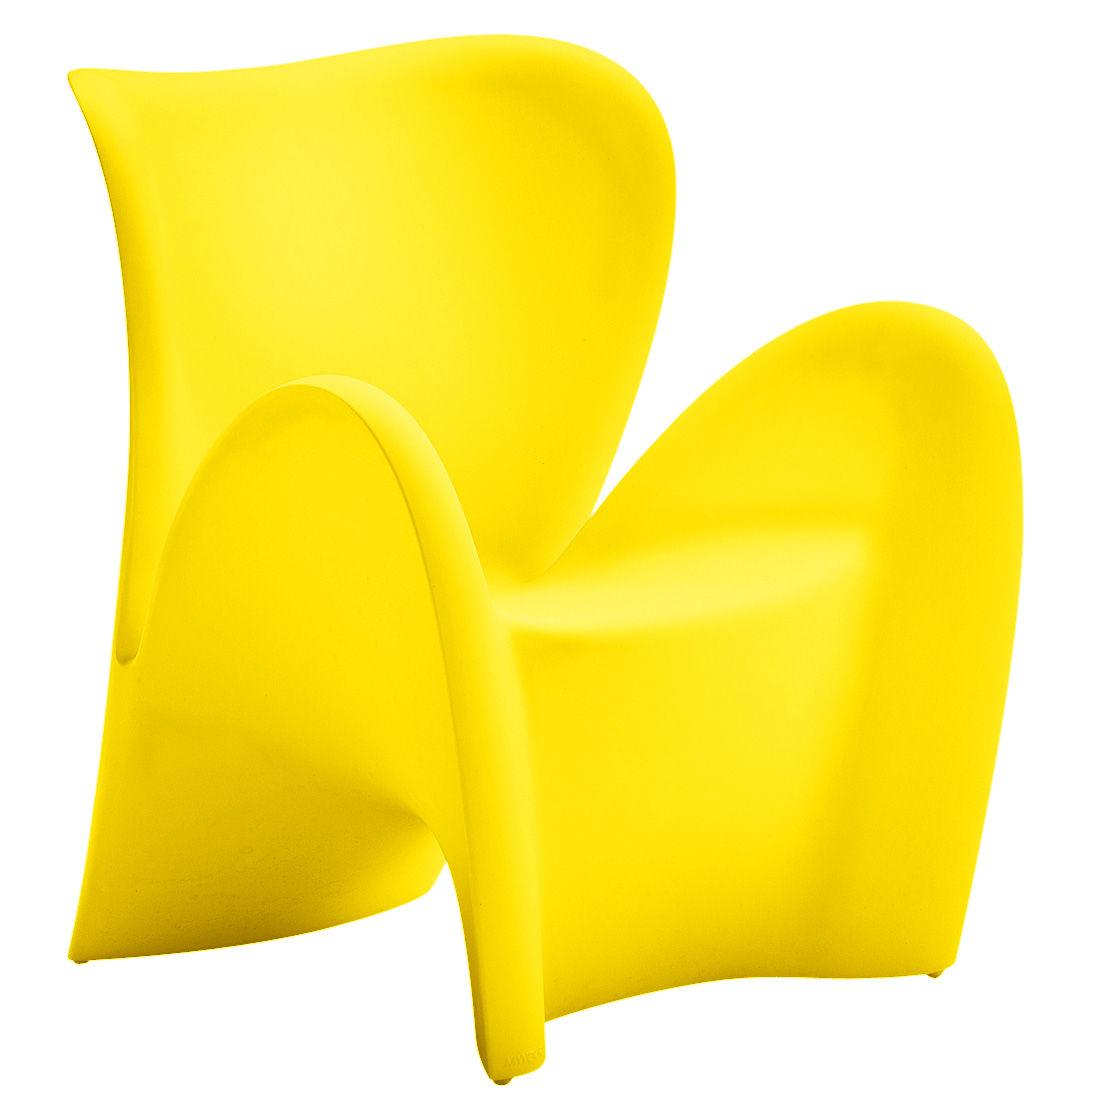 fauteuil lily plastique jaune mat myyour. Black Bedroom Furniture Sets. Home Design Ideas